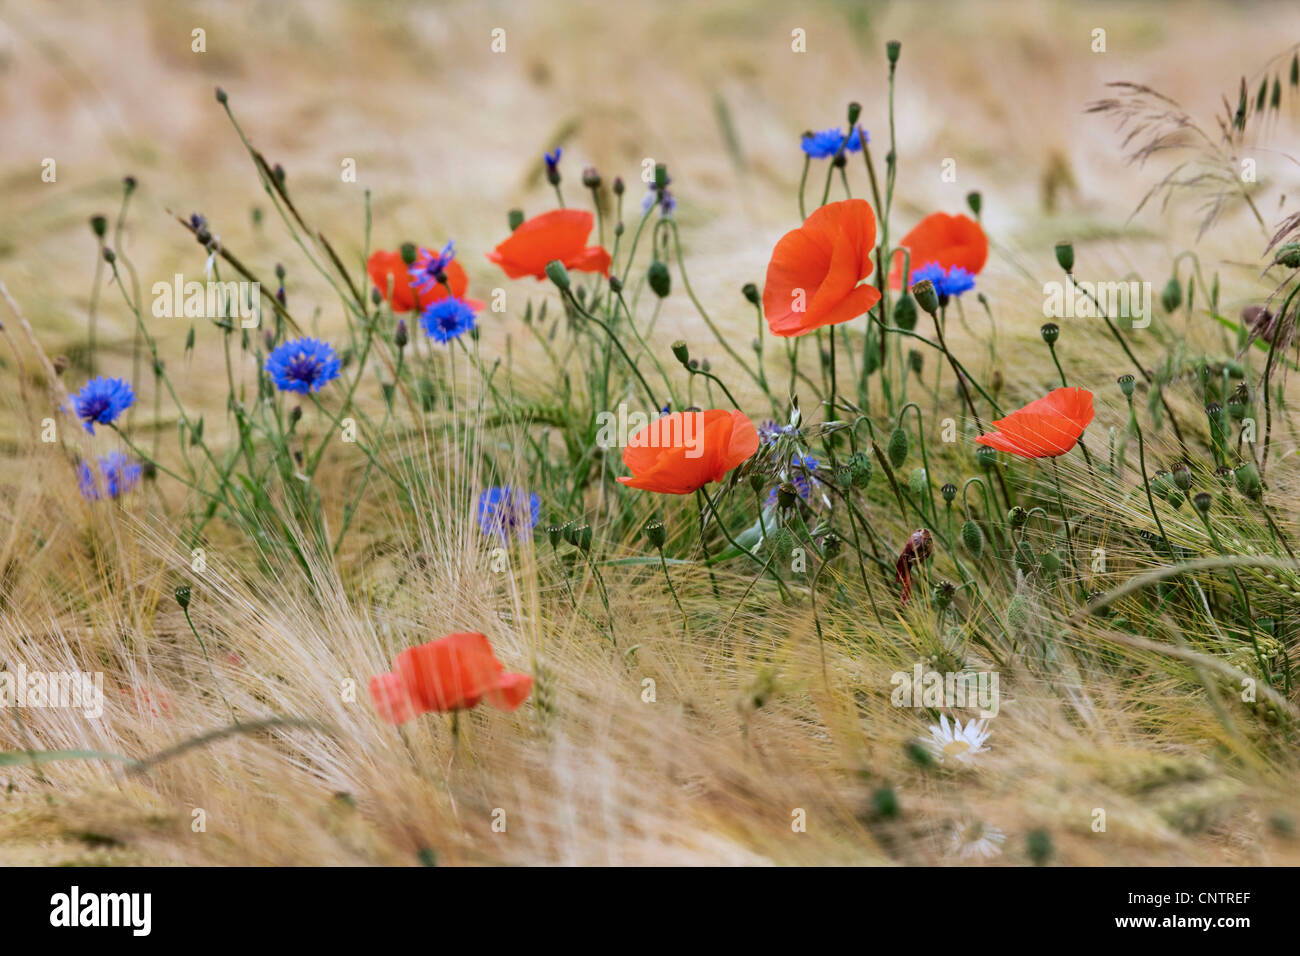 Wildblumen und Unkraut wie Kornblumen (Centaurea Cyanus) und Mohn im Kornfeld auf Ackerland Stockbild